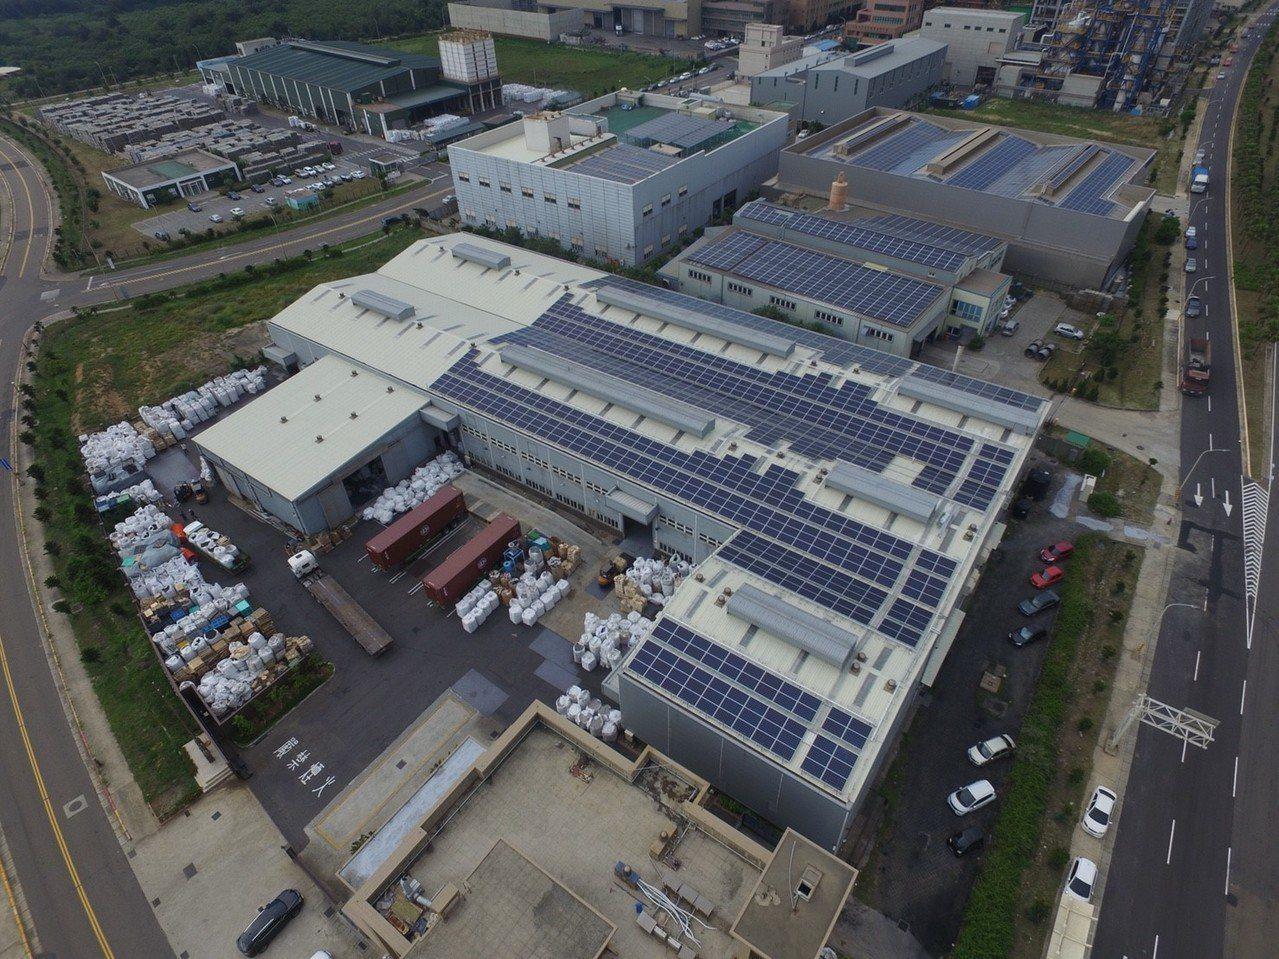 響應綠能政策,桃園環保科技園區近8成廠商自主裝設太陽能發電設施,總設置容量2MW...